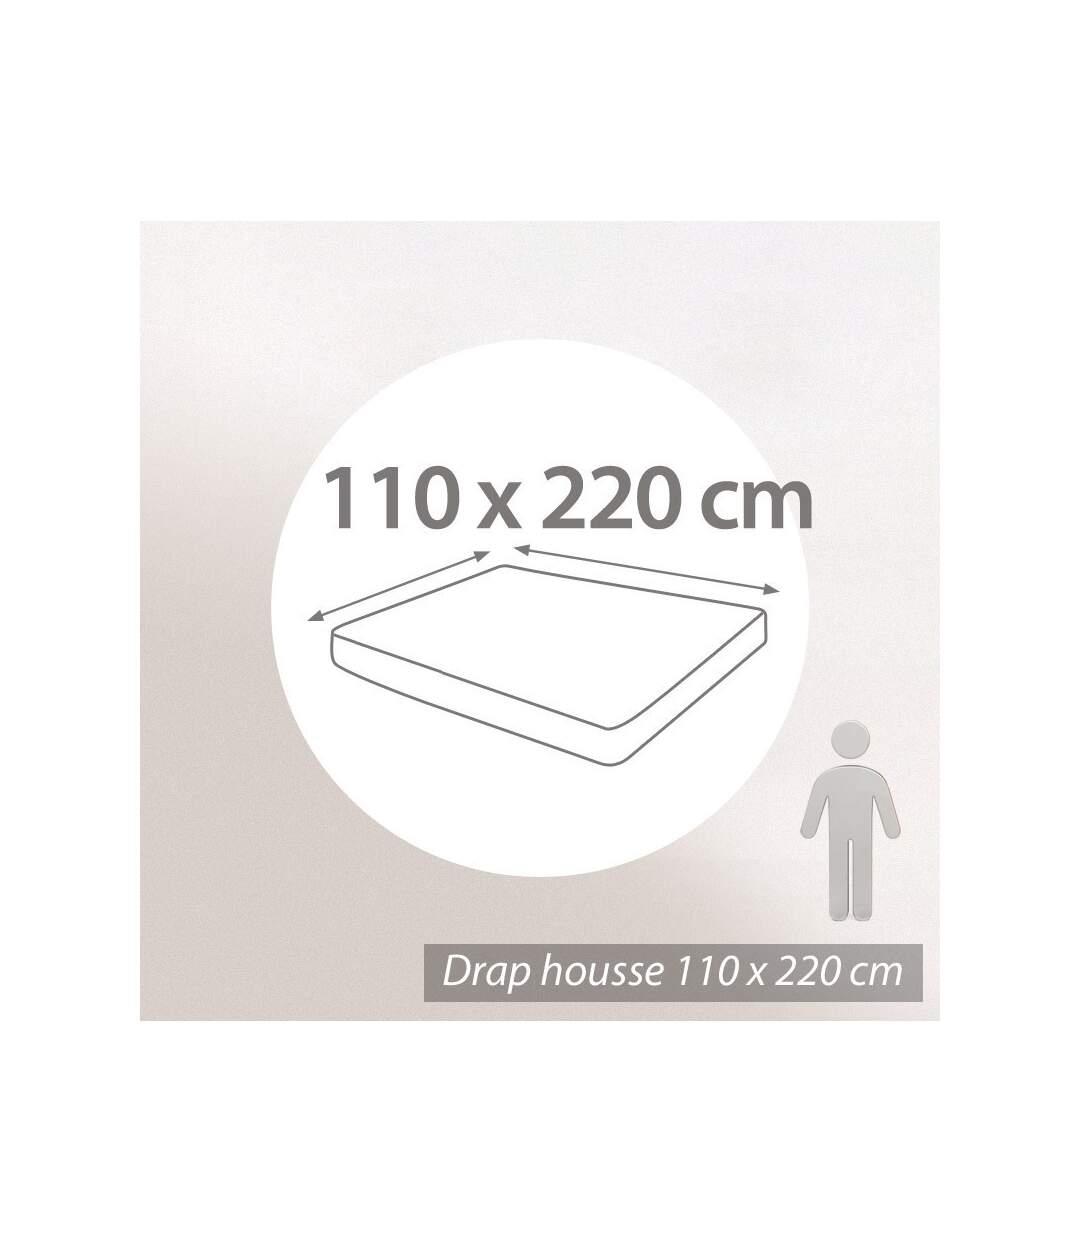 Protège matelas 110x220 cm ANTONIN Molleton absorbant traité anti-acariens Bonnet 30cm